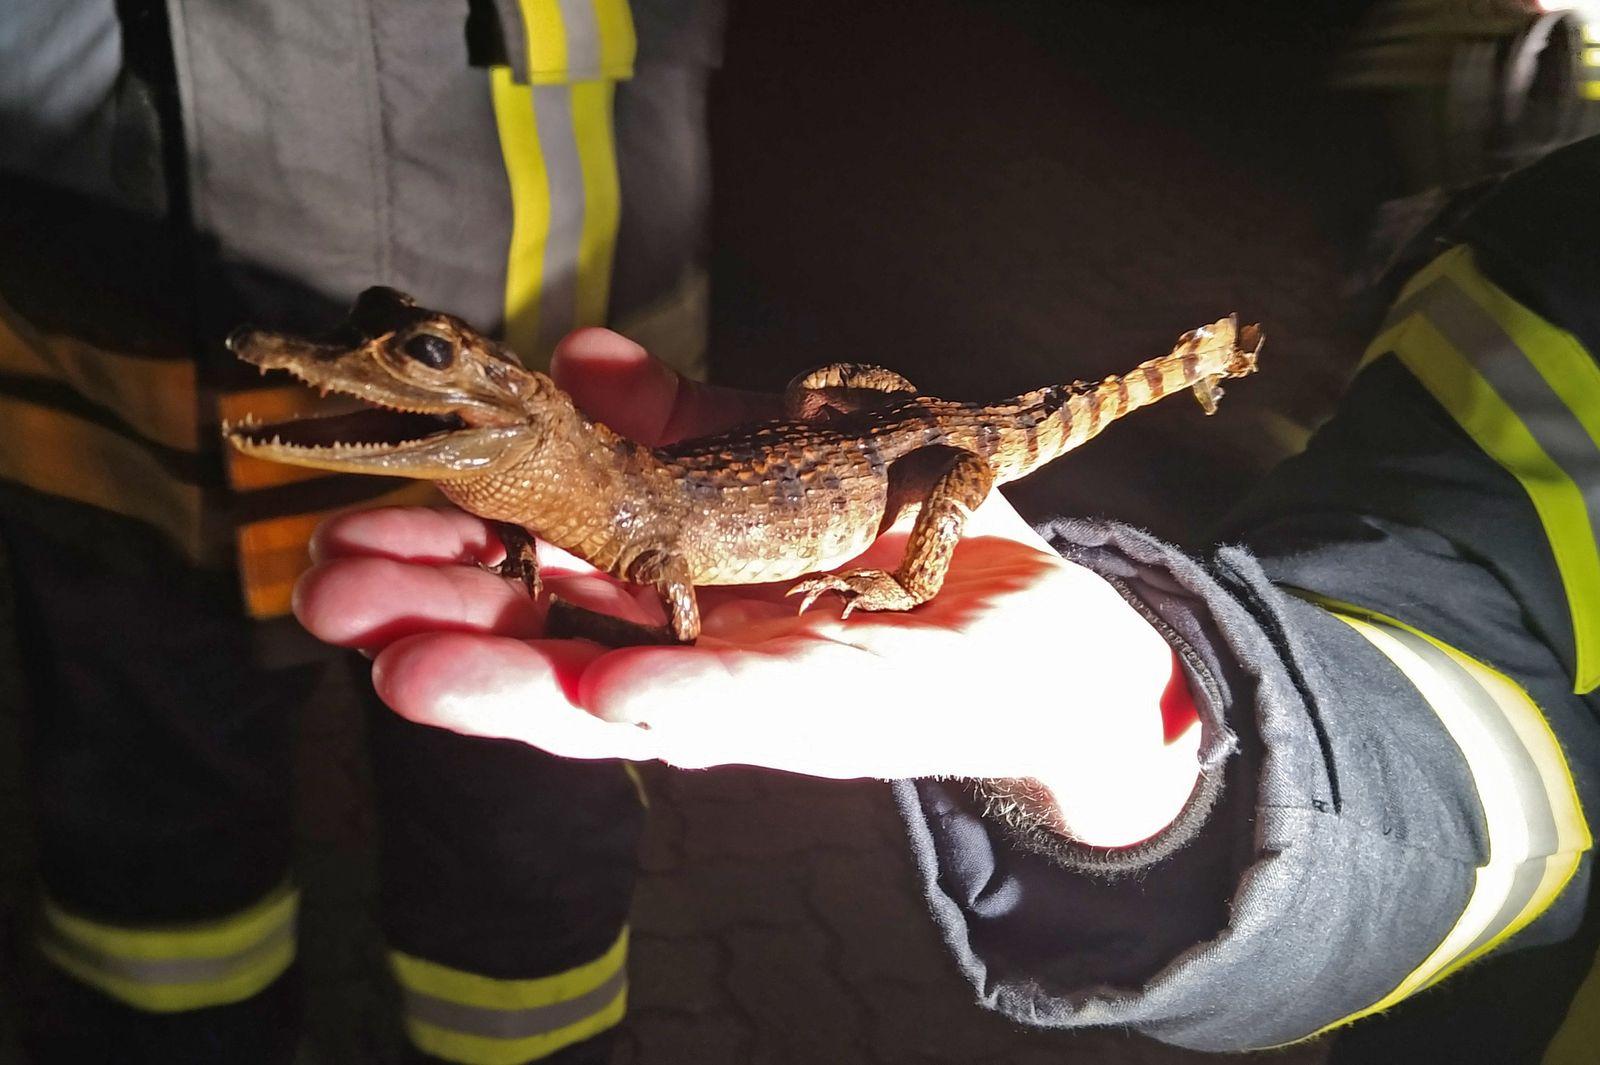 Präpariertes Krokodil im Garten alarmiert Polizei